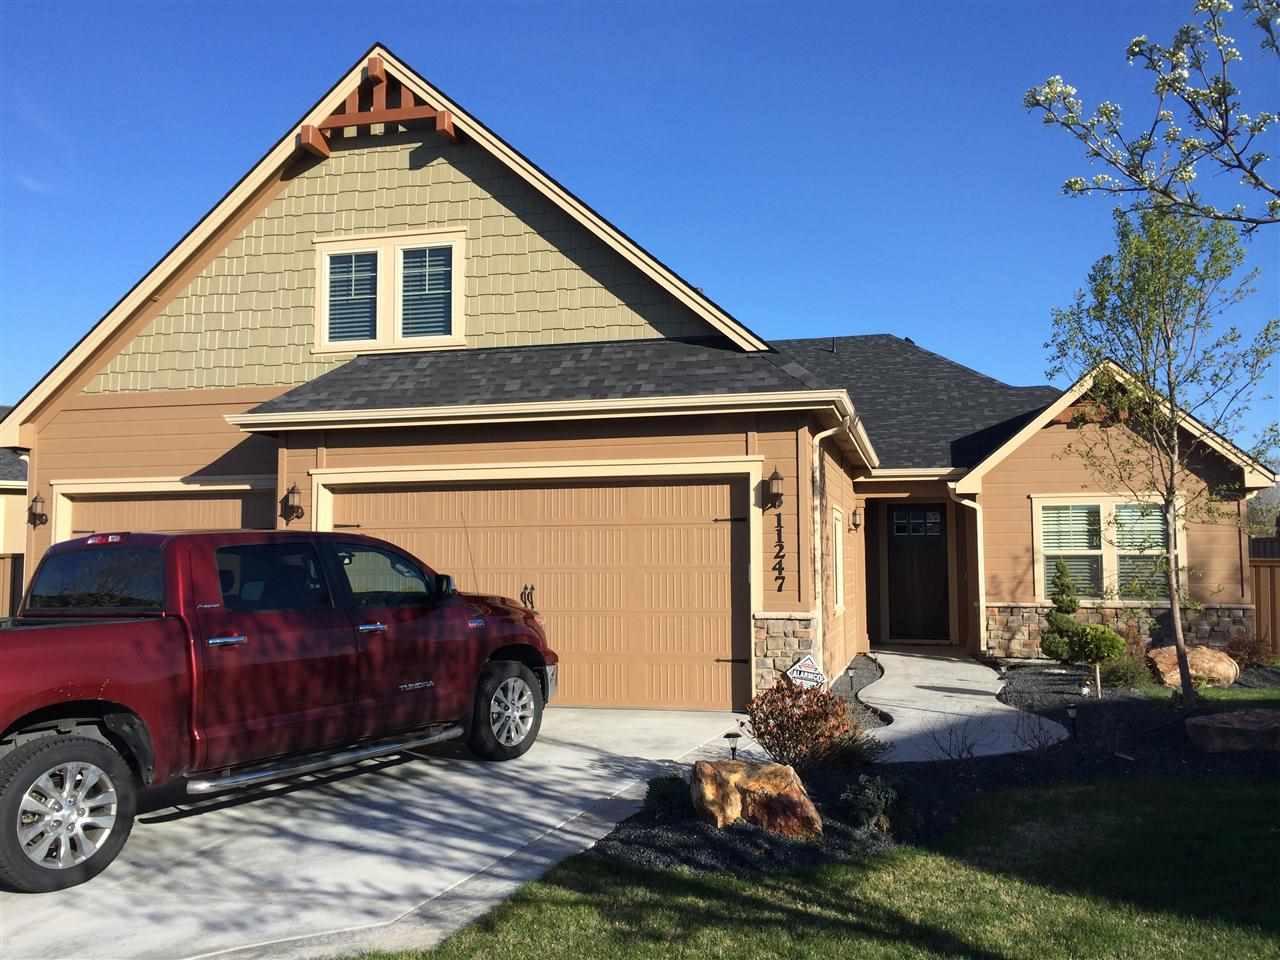 11247 Stepney,Boise,Idaho 83709,4 Bedrooms Bedrooms,3 BathroomsBathrooms,Rental,11247 Stepney,98676967